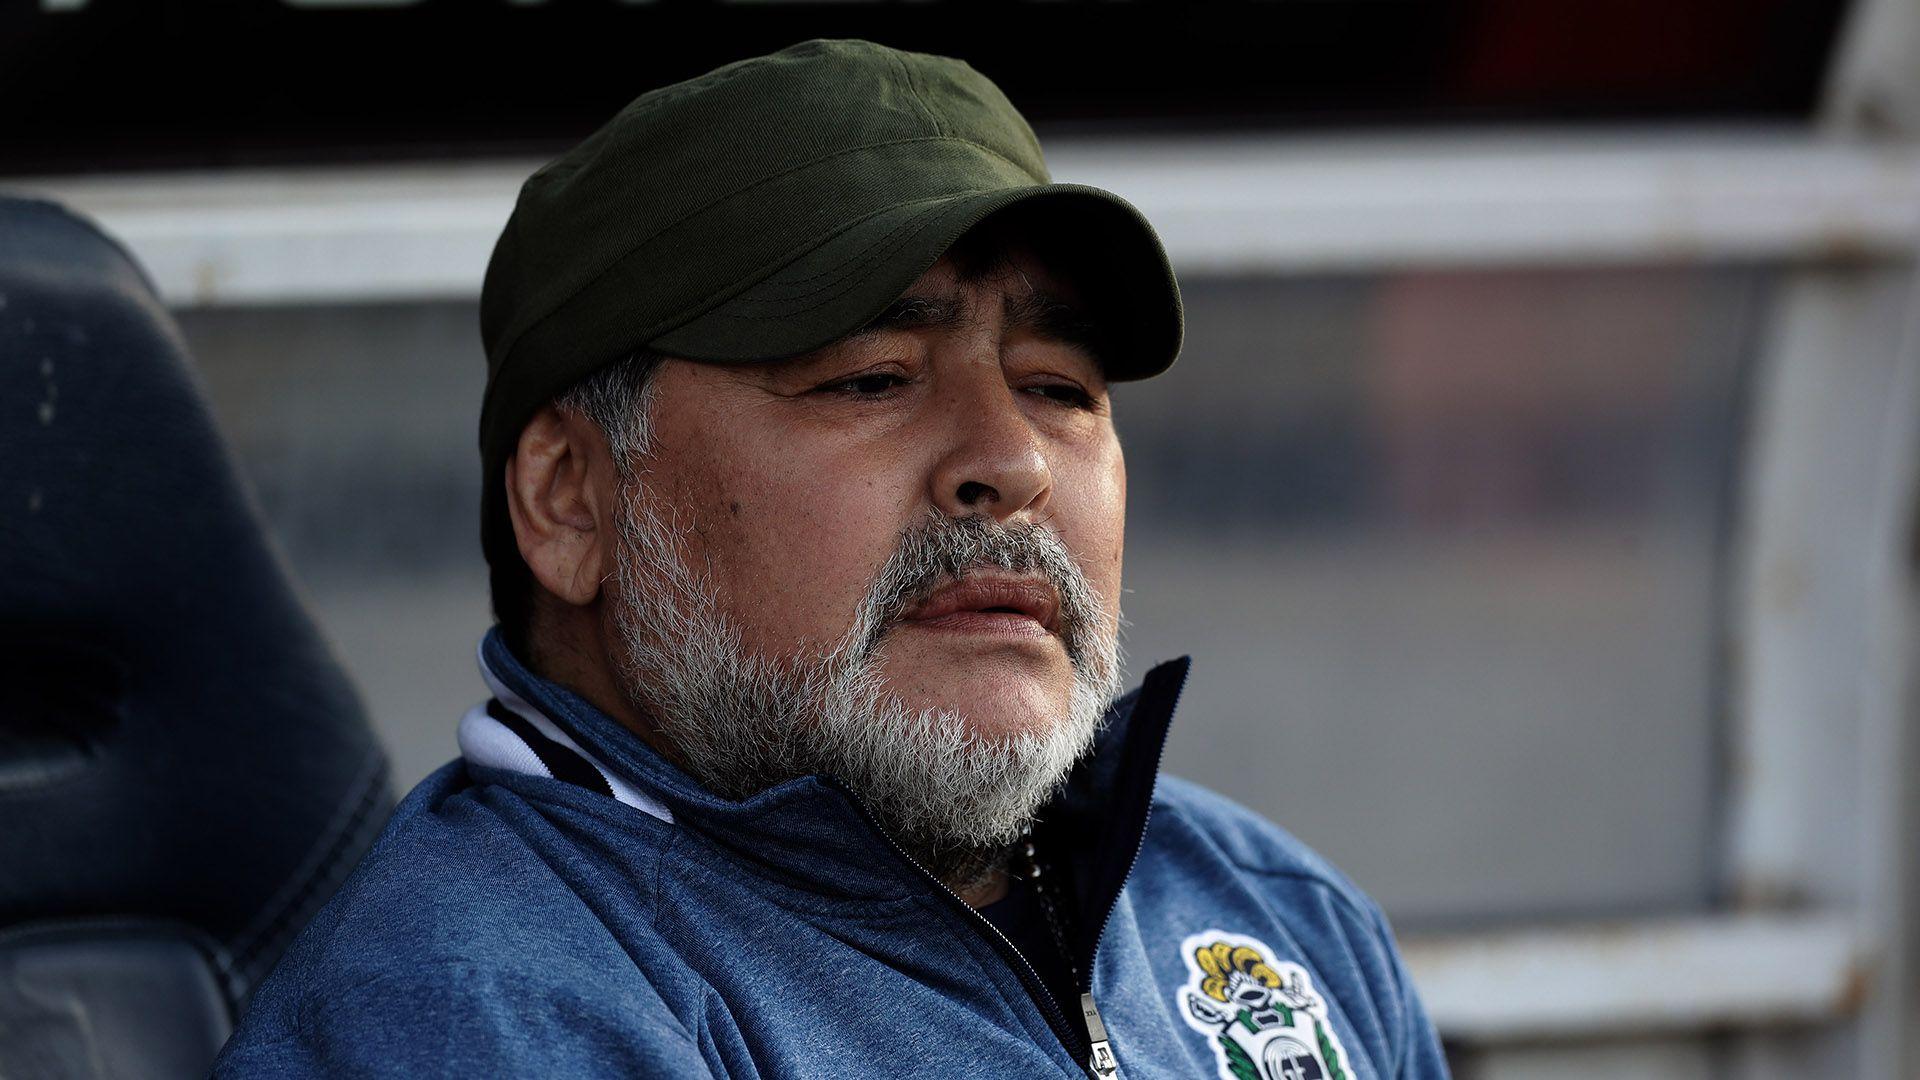 Diego acumula ocho partidos en el banco de Gimnasia, donde generó una verdadera revolución (Foto: ALEJANDRO PAGNI / AFP)